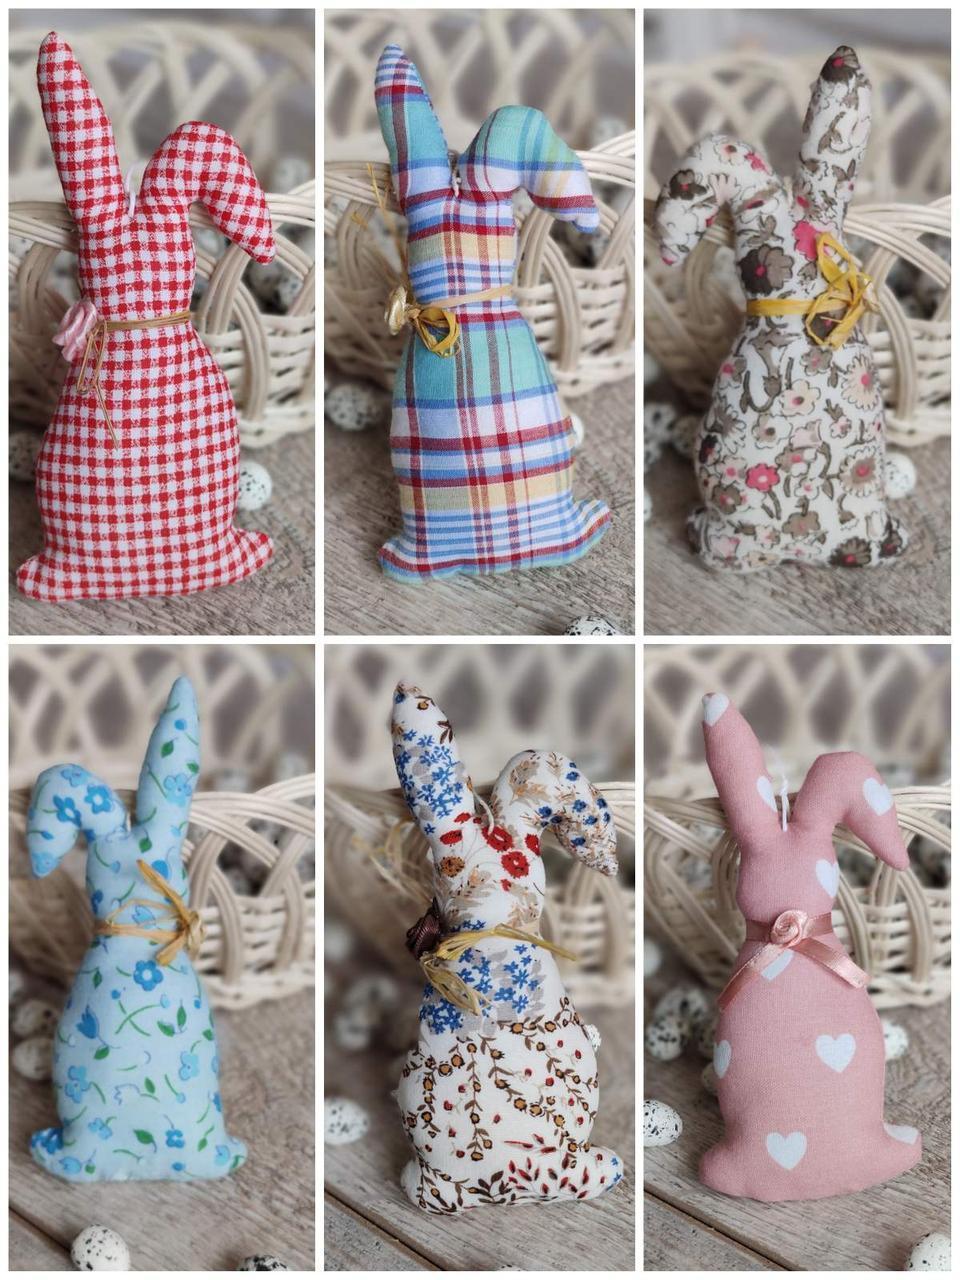 Кролик декоративний для віночка, для корзини, ручної роботи, текстильний, 14-16см., 45/39 (цена за 1 шт.+6гр.)